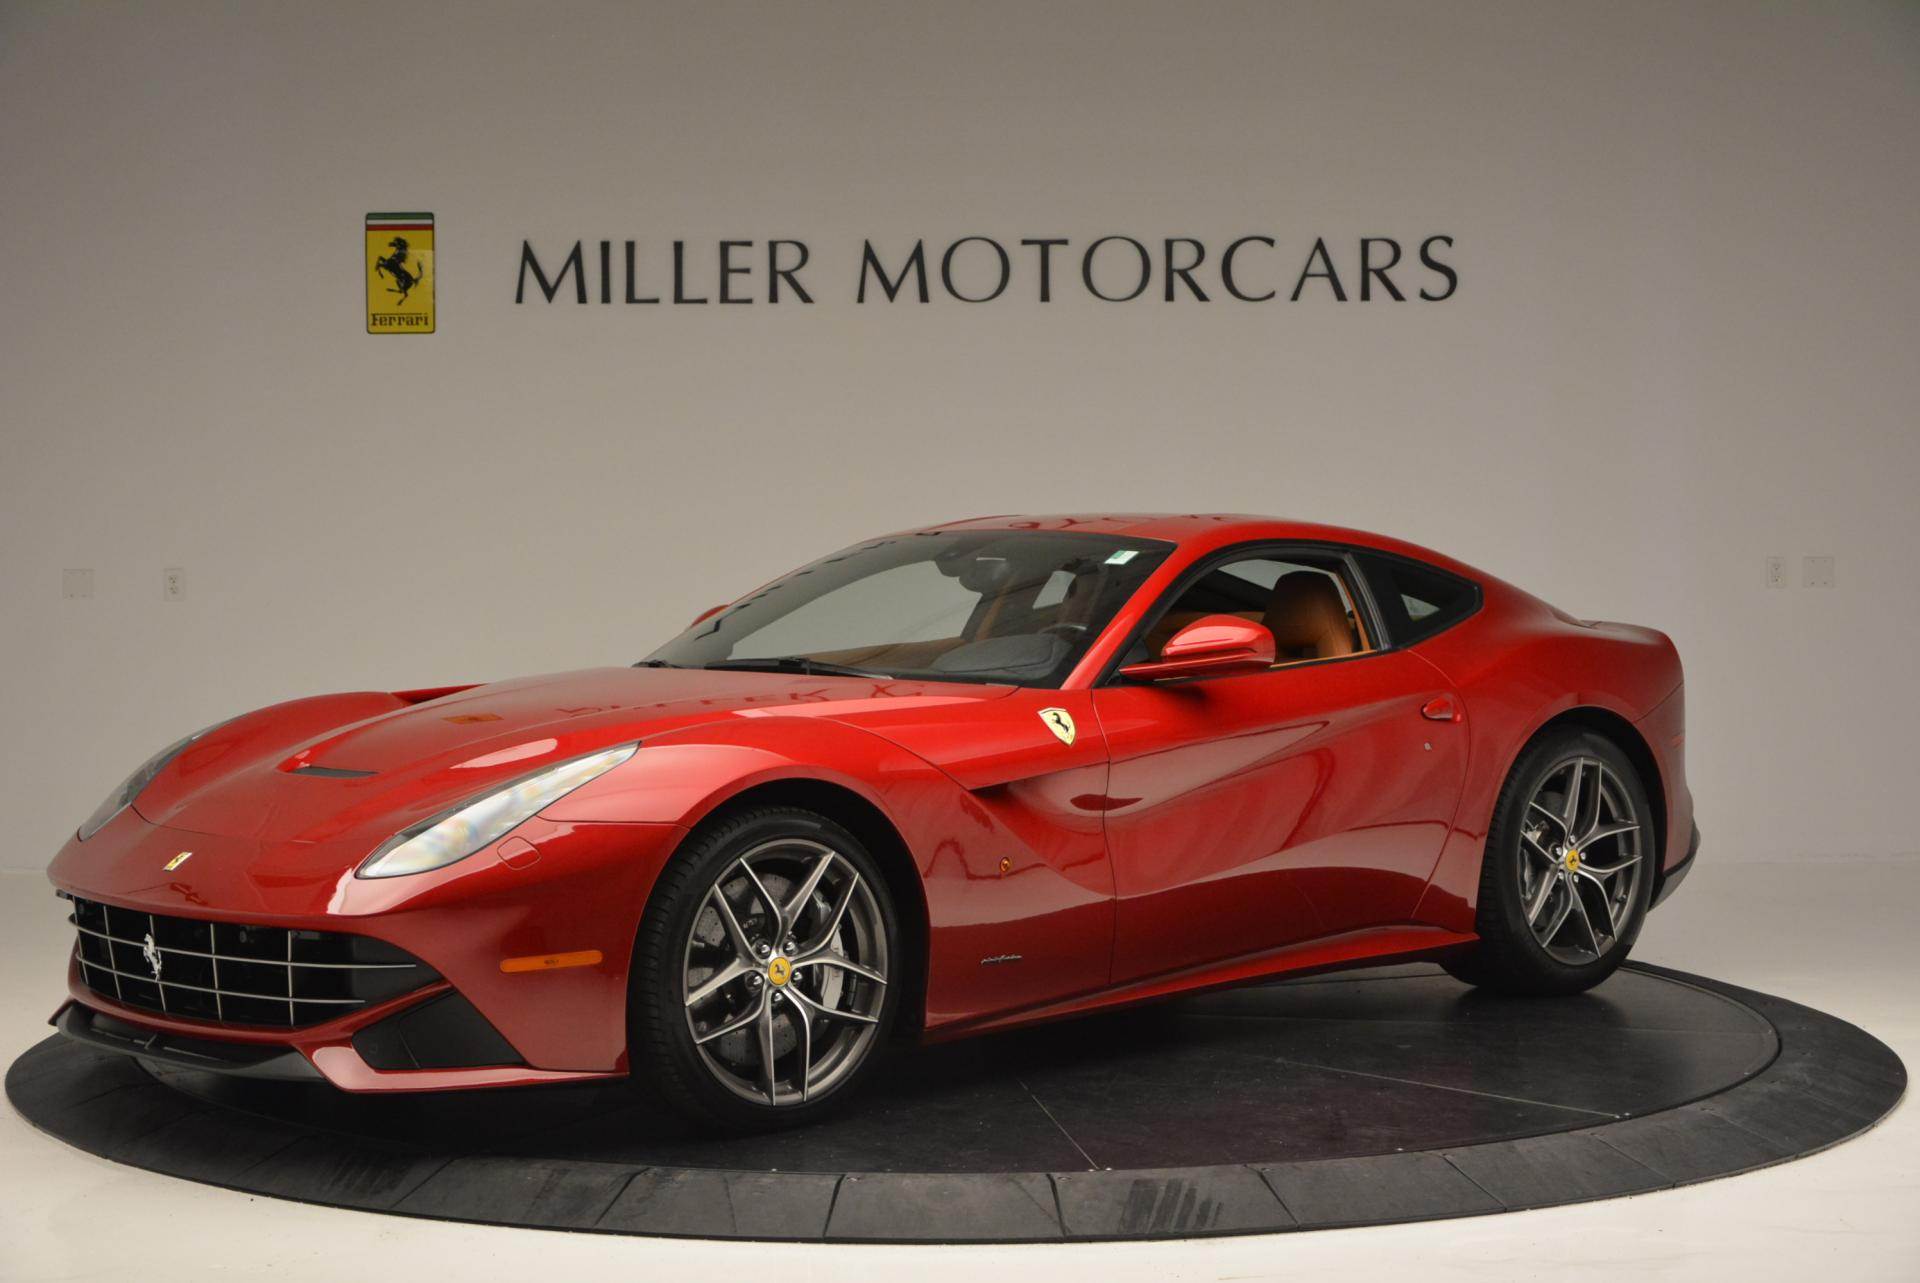 Used 2014 Ferrari F12 Berlinetta  For Sale In Greenwich, CT. Alfa Romeo of Greenwich, 4393 149_p2